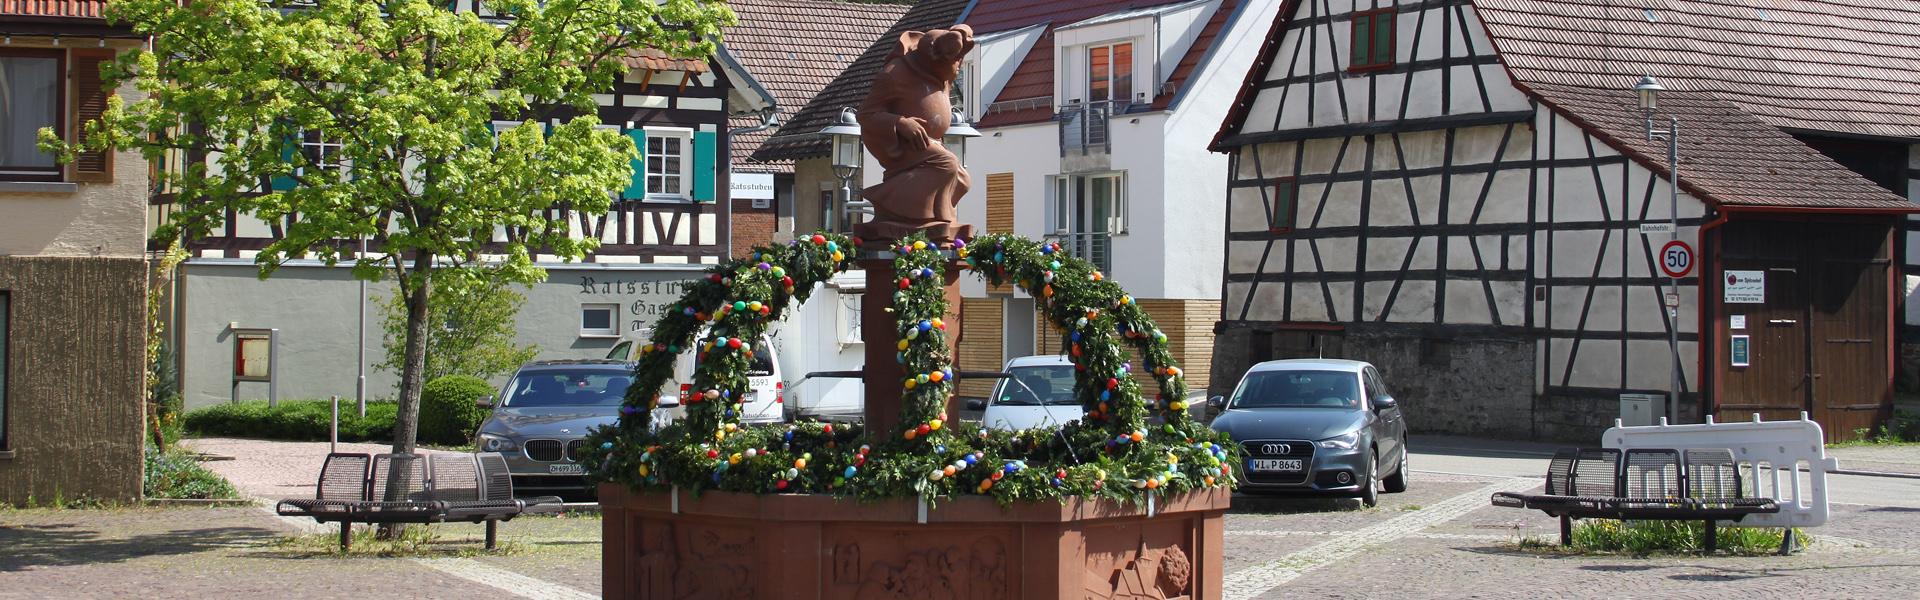 Bürgerliste Weissach-Flacht